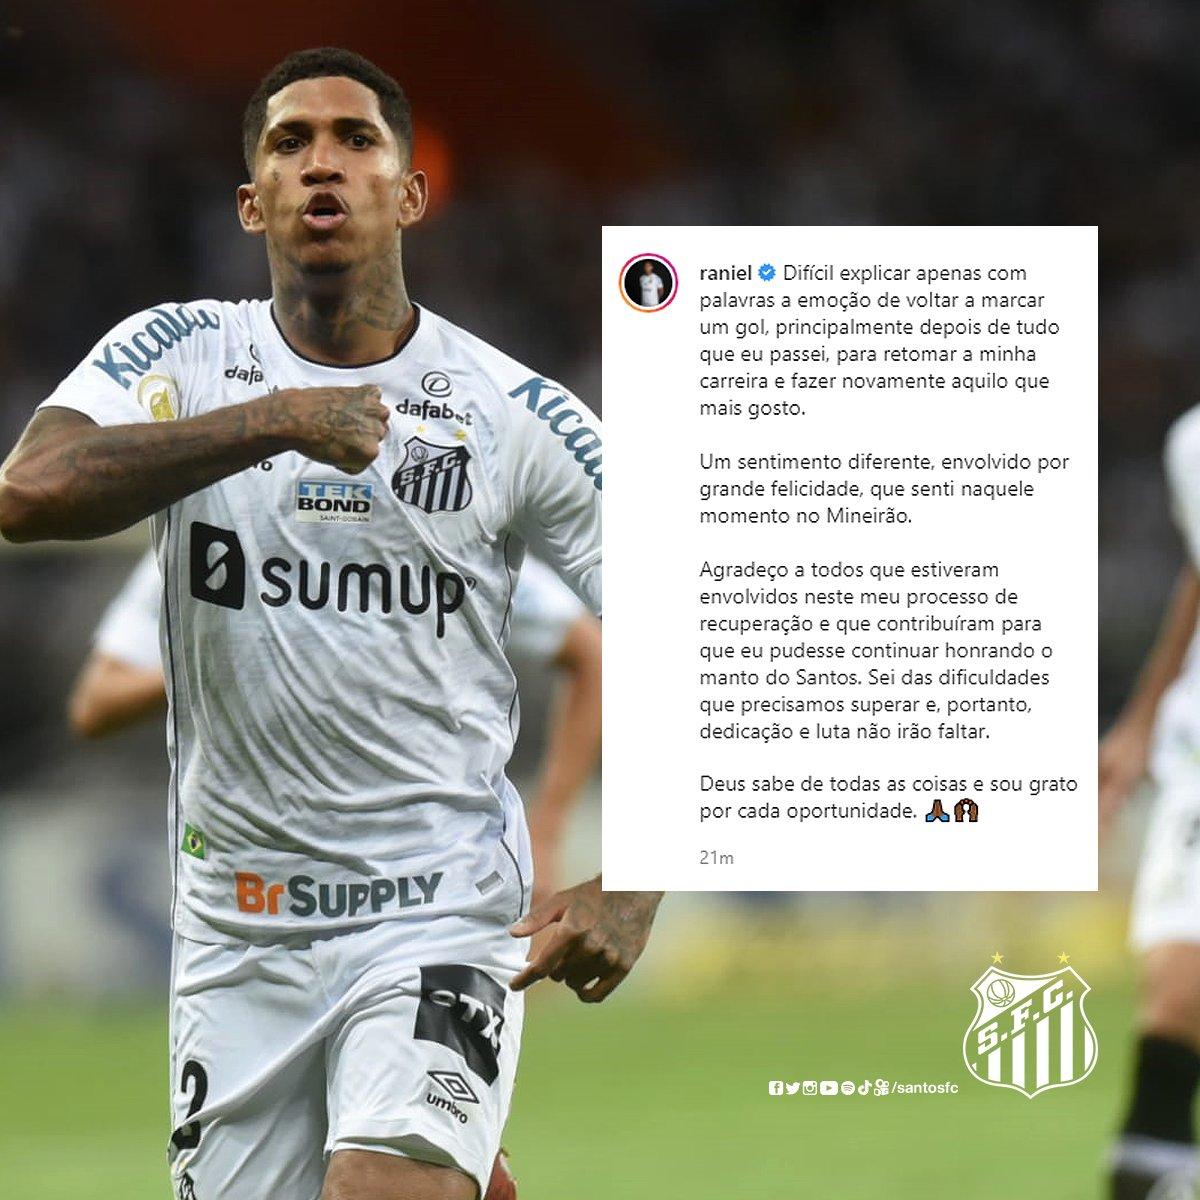 RT @SantosFC: Uma história de superação. Você merece, Raniel! 🤍🖤 https://t.co/1KgatyMSjn